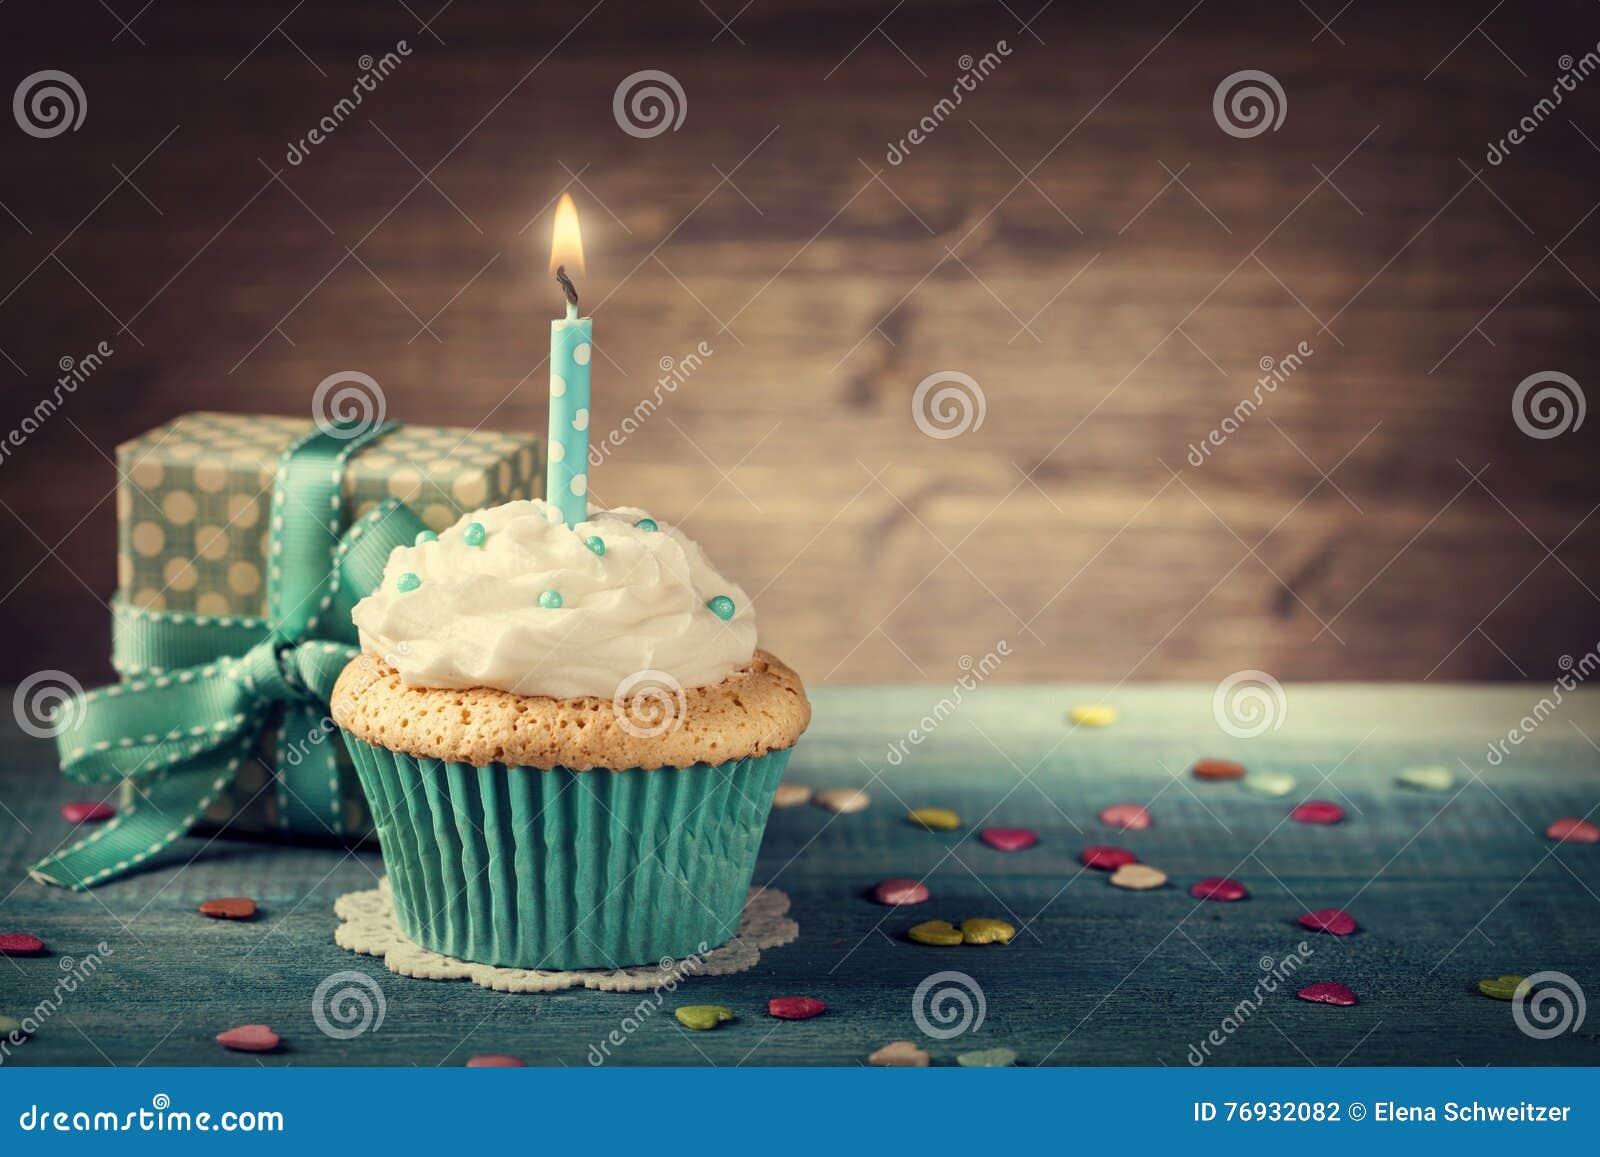 Пирожное с свечой дня рождения